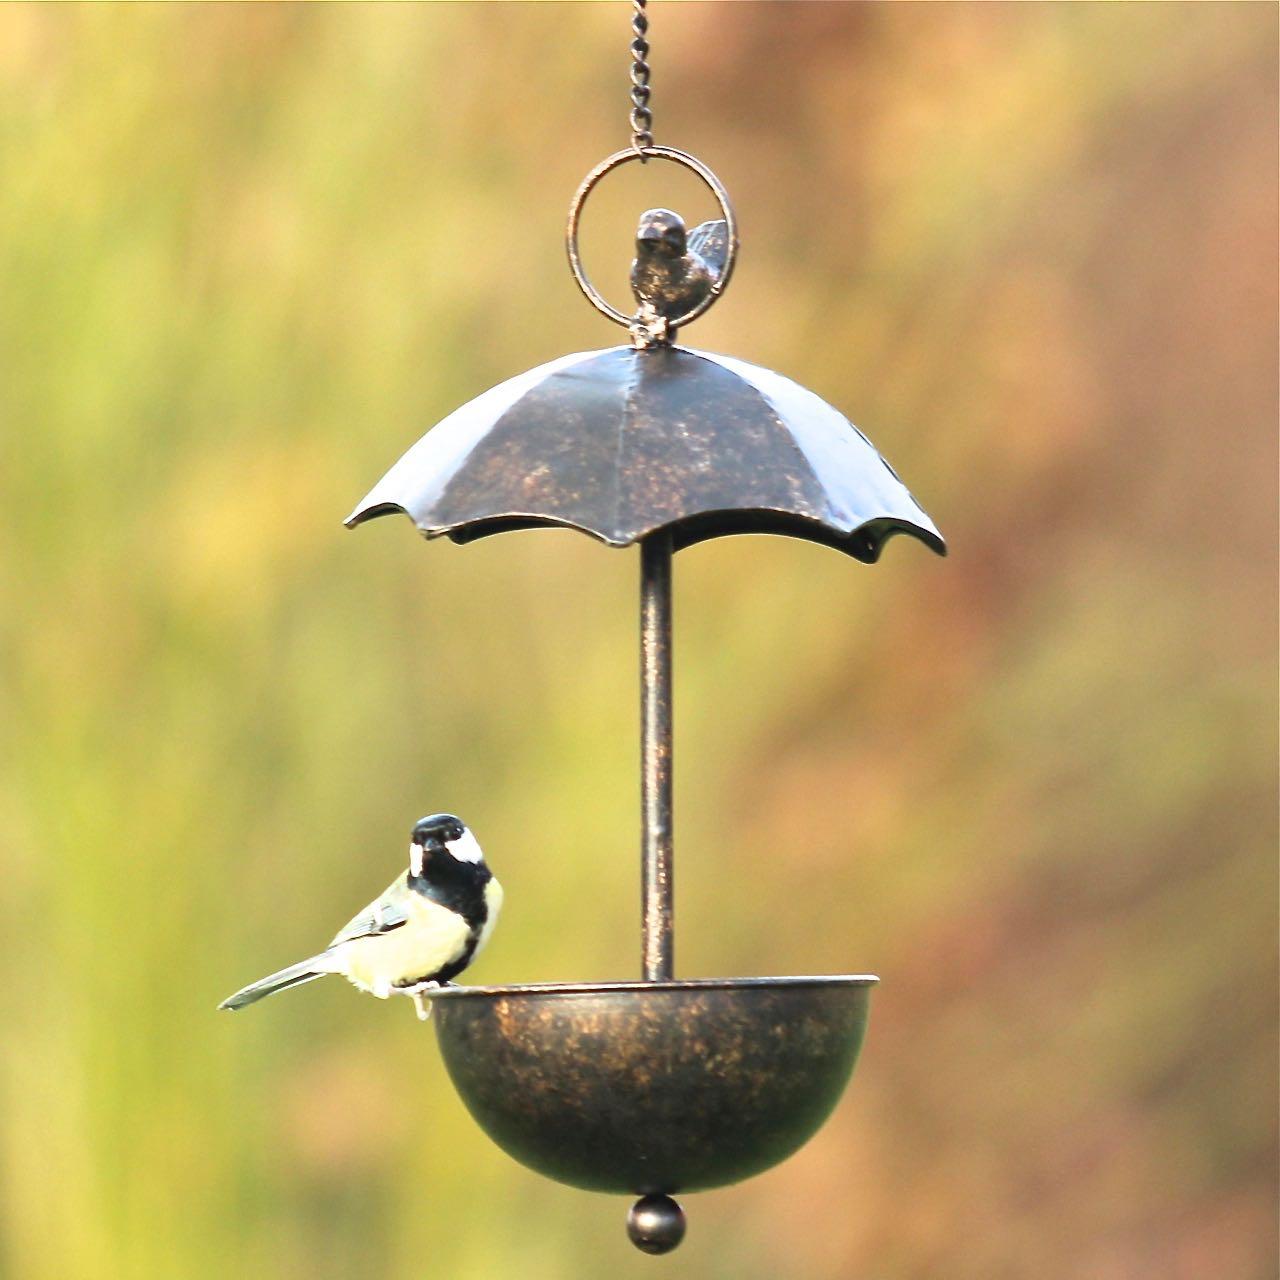 vogeltr nke mit schirm zum h ngen vogel und naturschutzprodukte einfach online kaufen. Black Bedroom Furniture Sets. Home Design Ideas